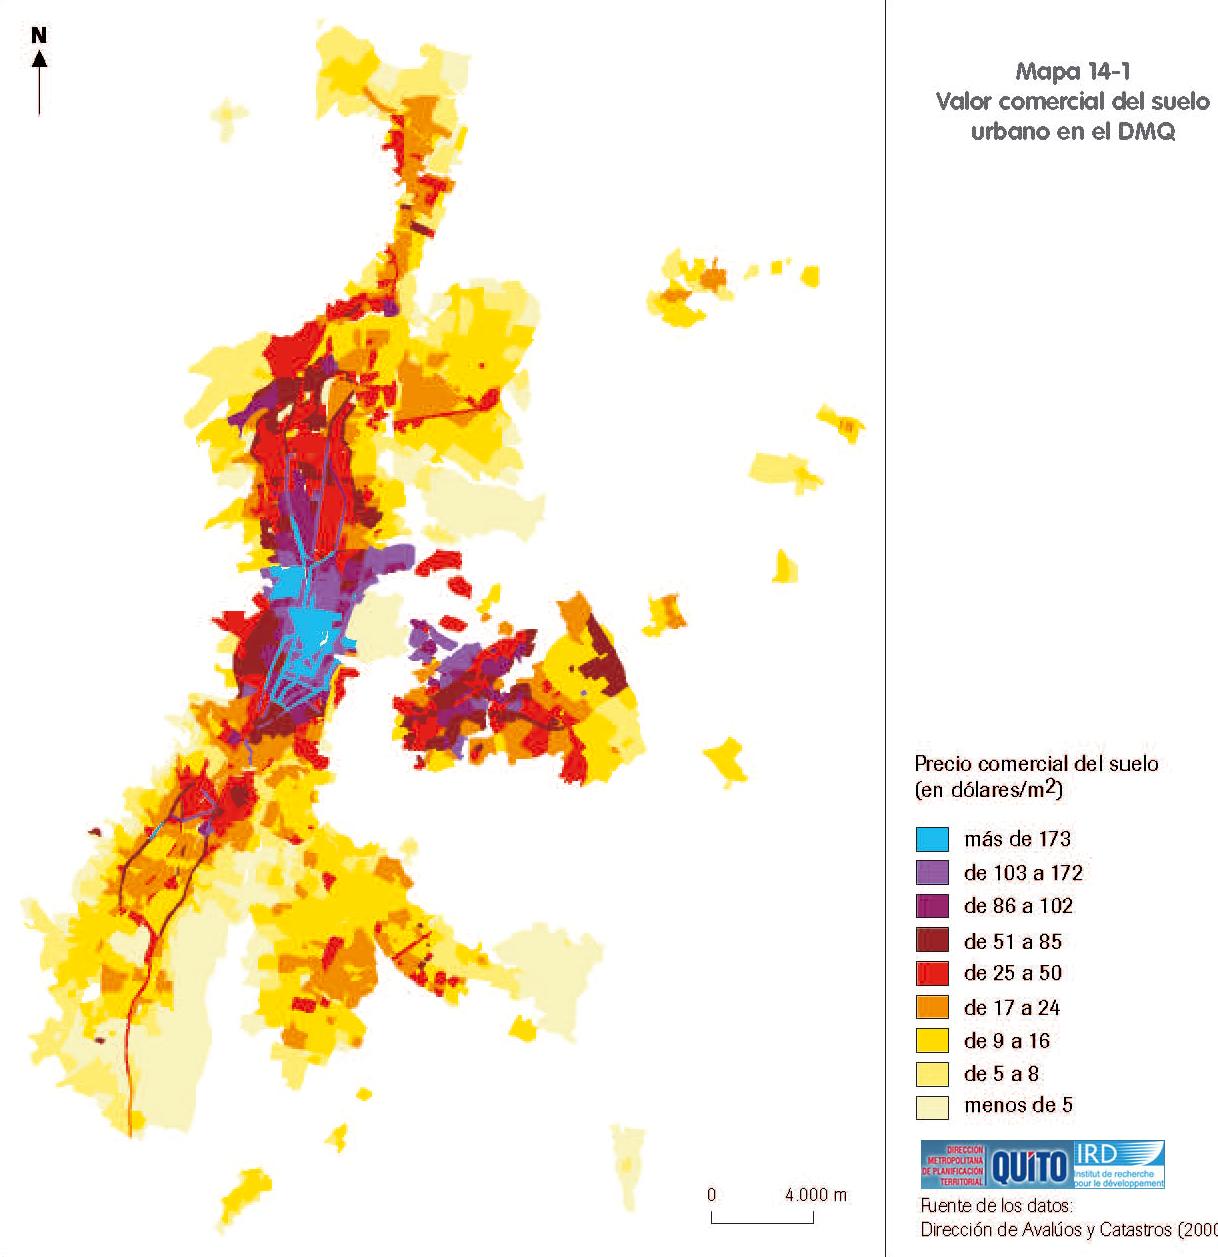 Mapa de Valor comercial del suelo urbano en el Distrito Metropolitano de Quito 2000